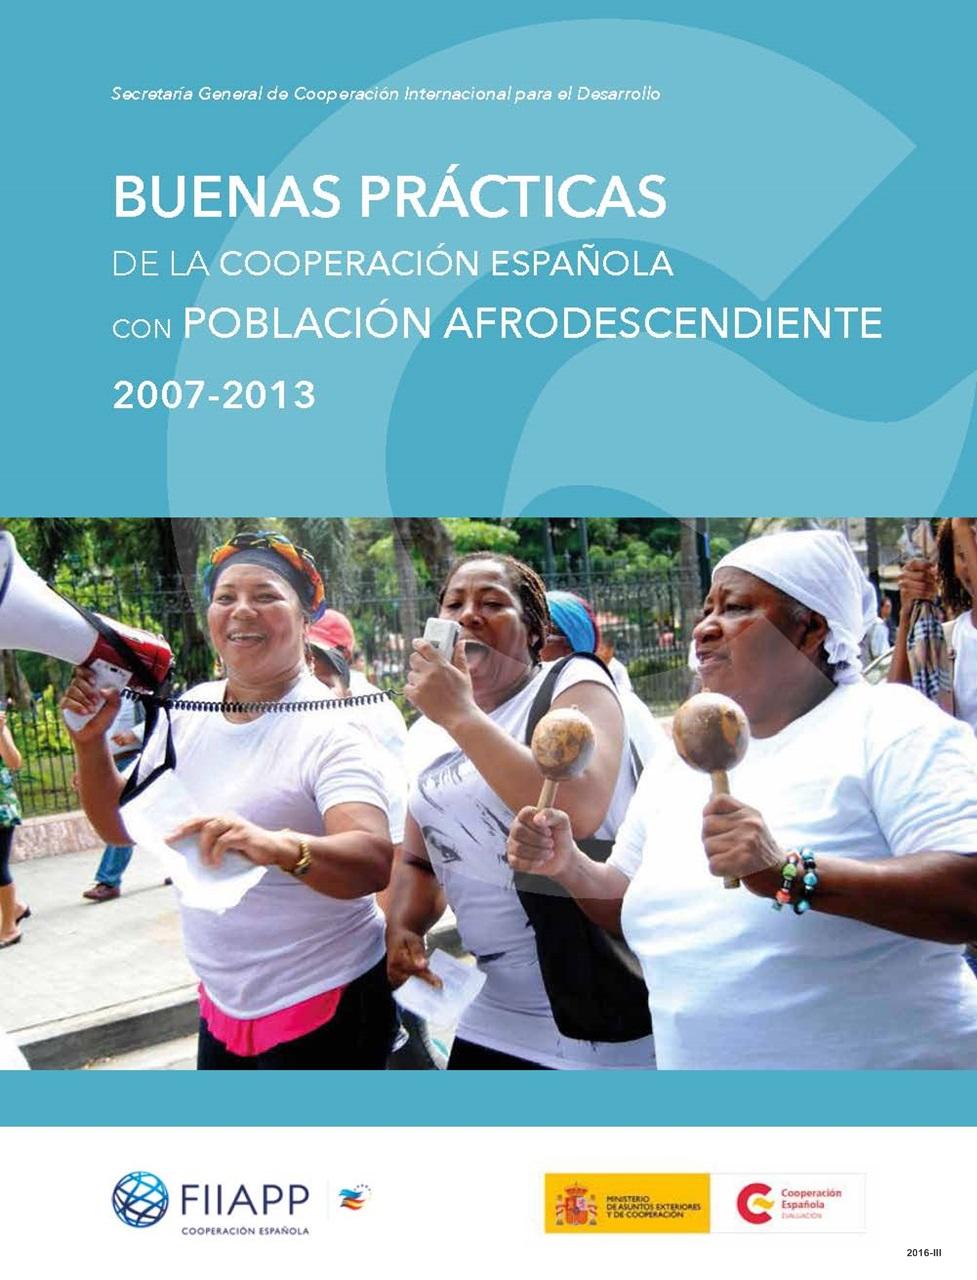 Cubierta de Buenas prácticas de la cooperación española con población afrodescendiente 2007-2013